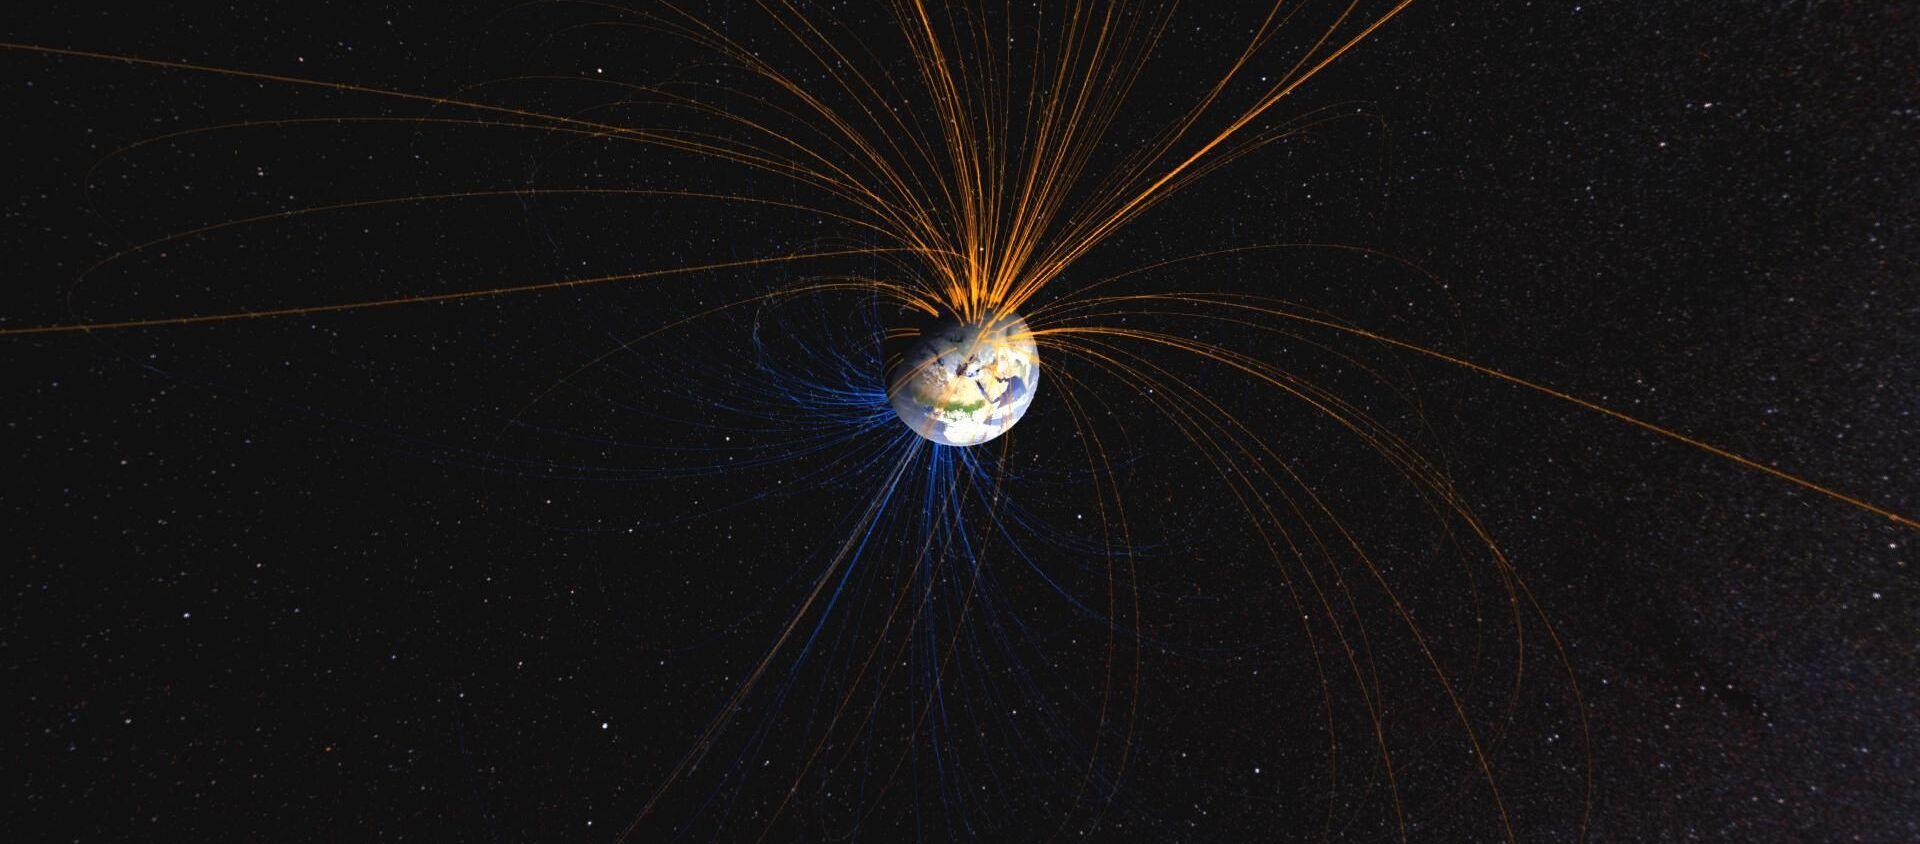 Magnetické pole - Sputnik Česká republika, 1920, 20.02.2021